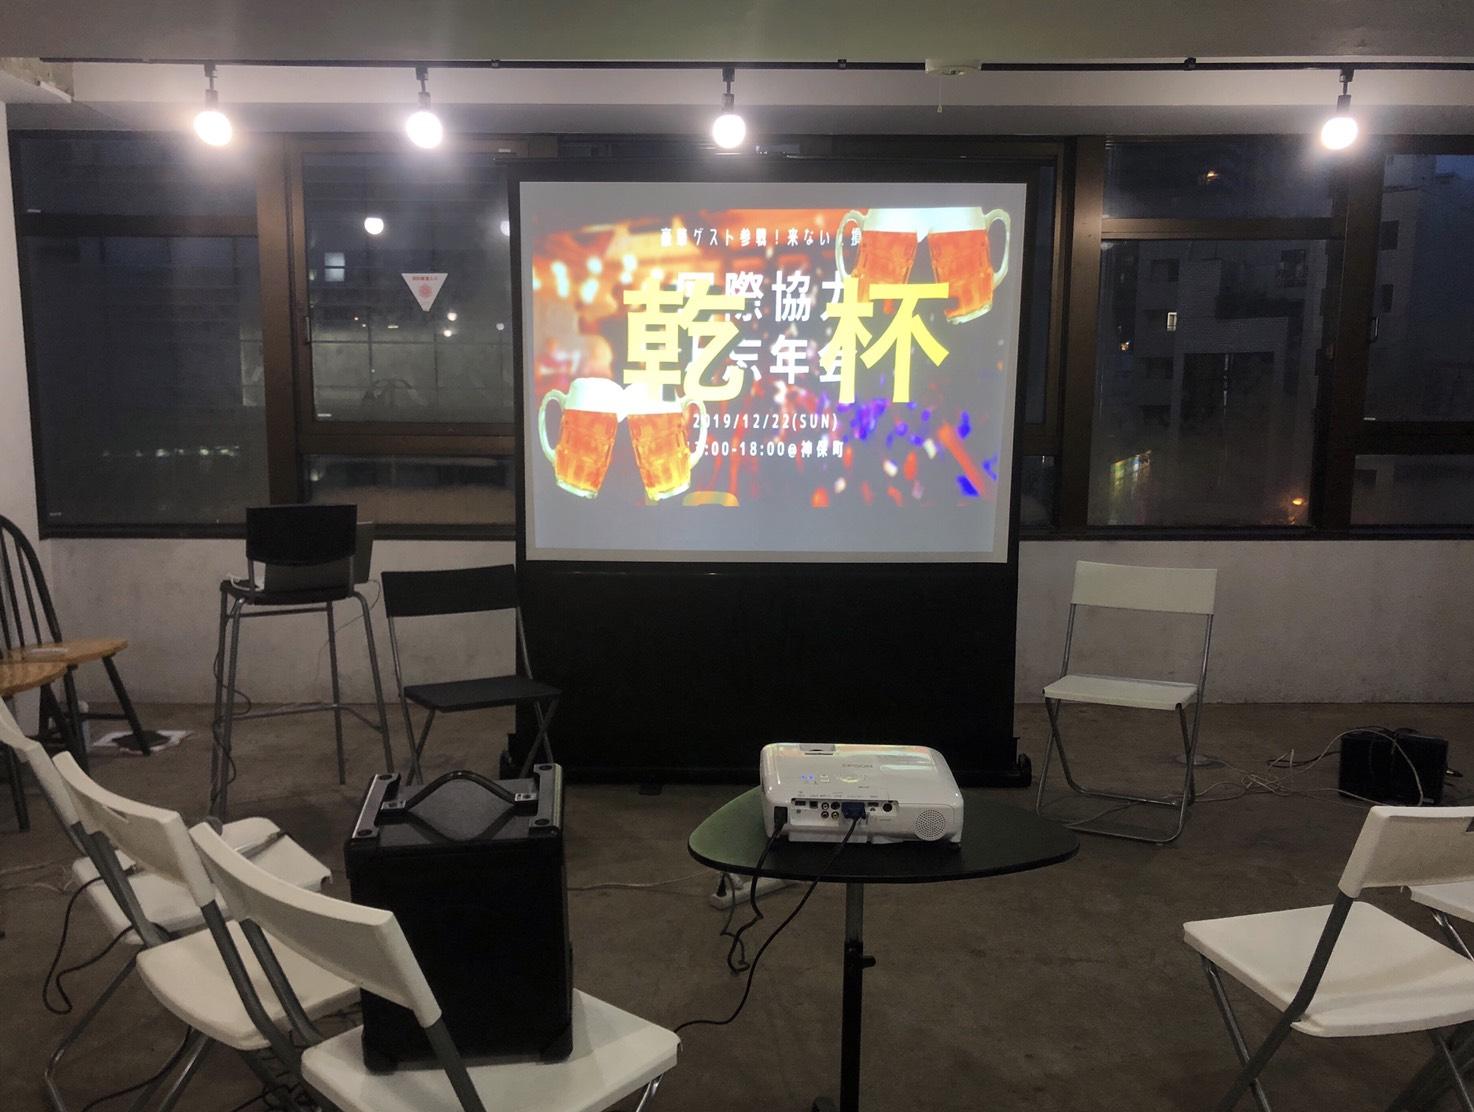 Creator'sDistrict神保町で忘年会が開催されました!|TIME SHARING|タイムシェアリング |スペースマネジメント|あどばる|adval|SHARING